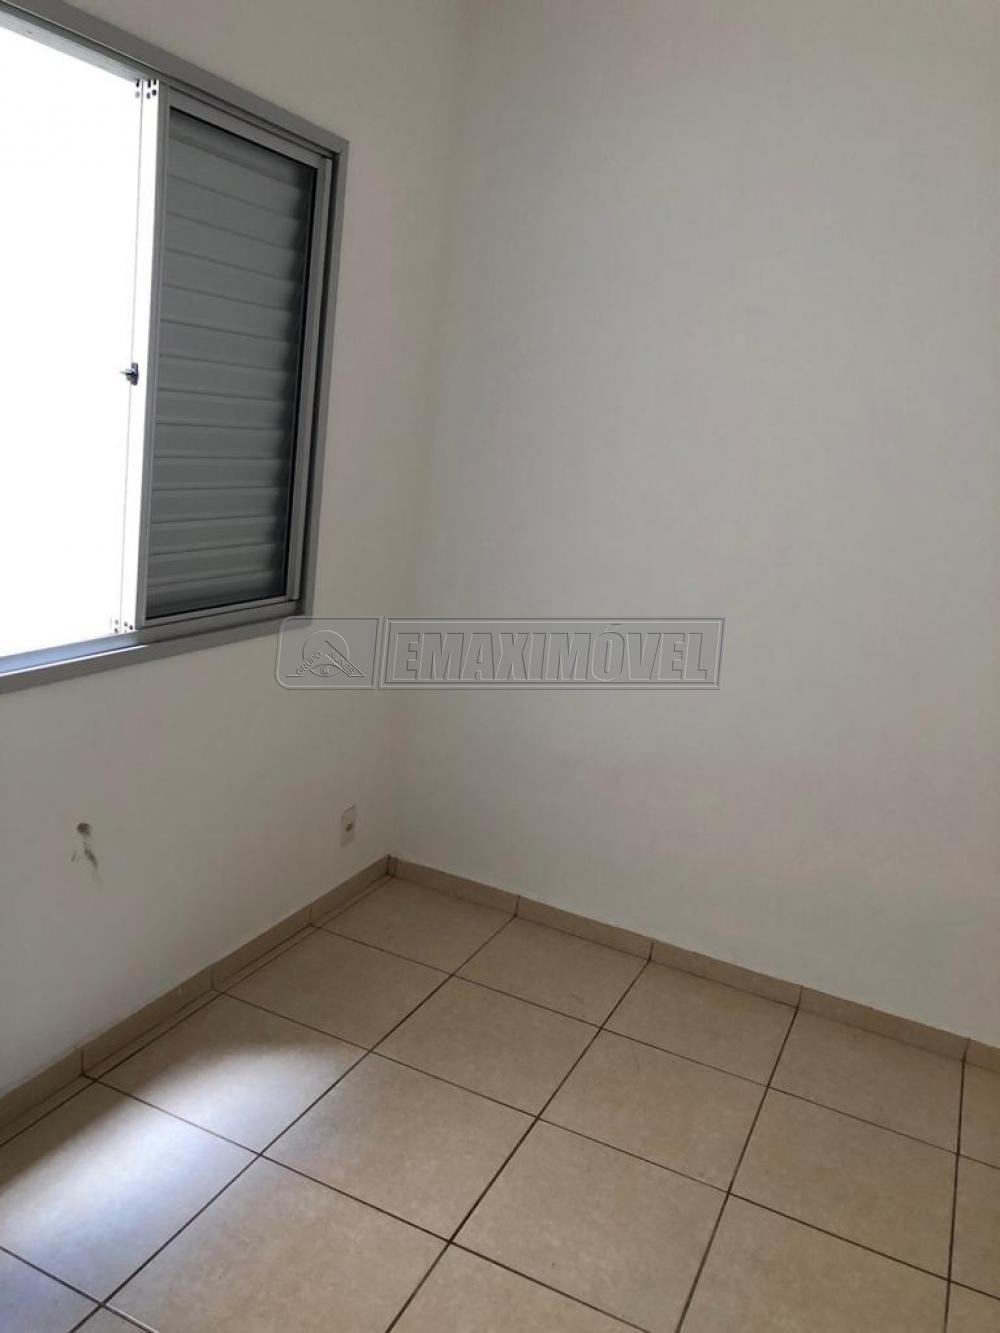 Comprar Apartamentos / Apto Padrão em Sorocaba apenas R$ 220.000,00 - Foto 5